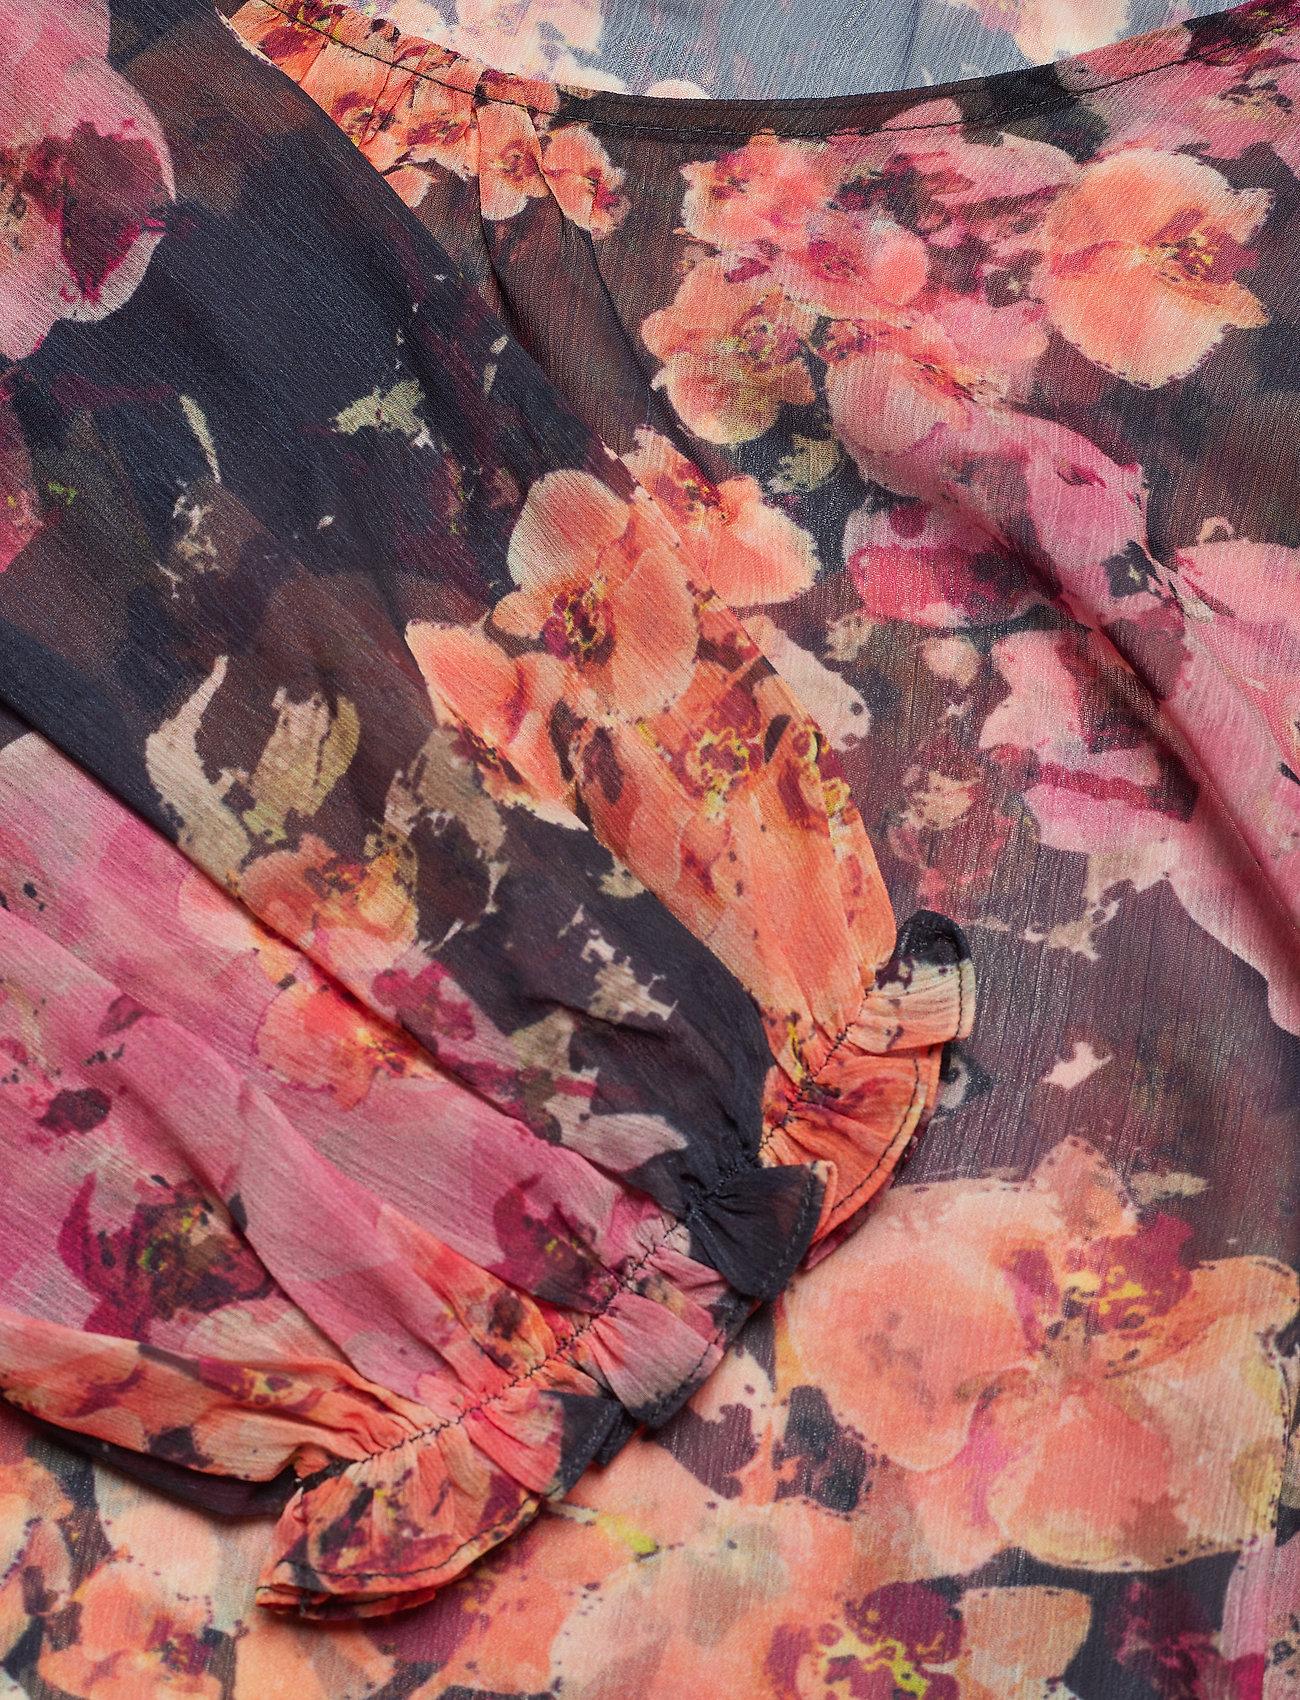 Residus BIANCA BLOUSE - Bluzki & Koszule EVENING BLUE - Kobiety Odzież.